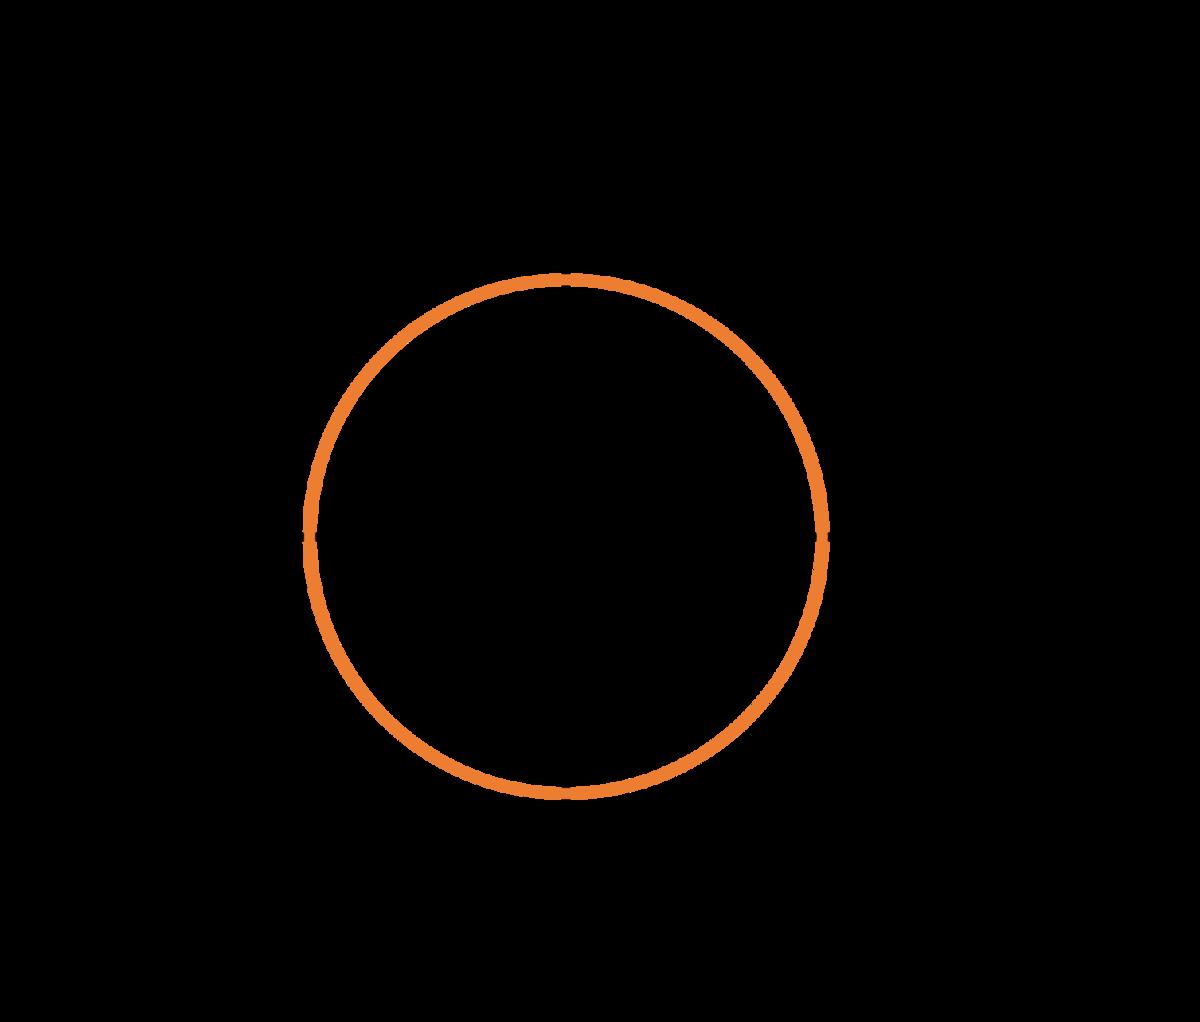 図1 理想の地磁気データ